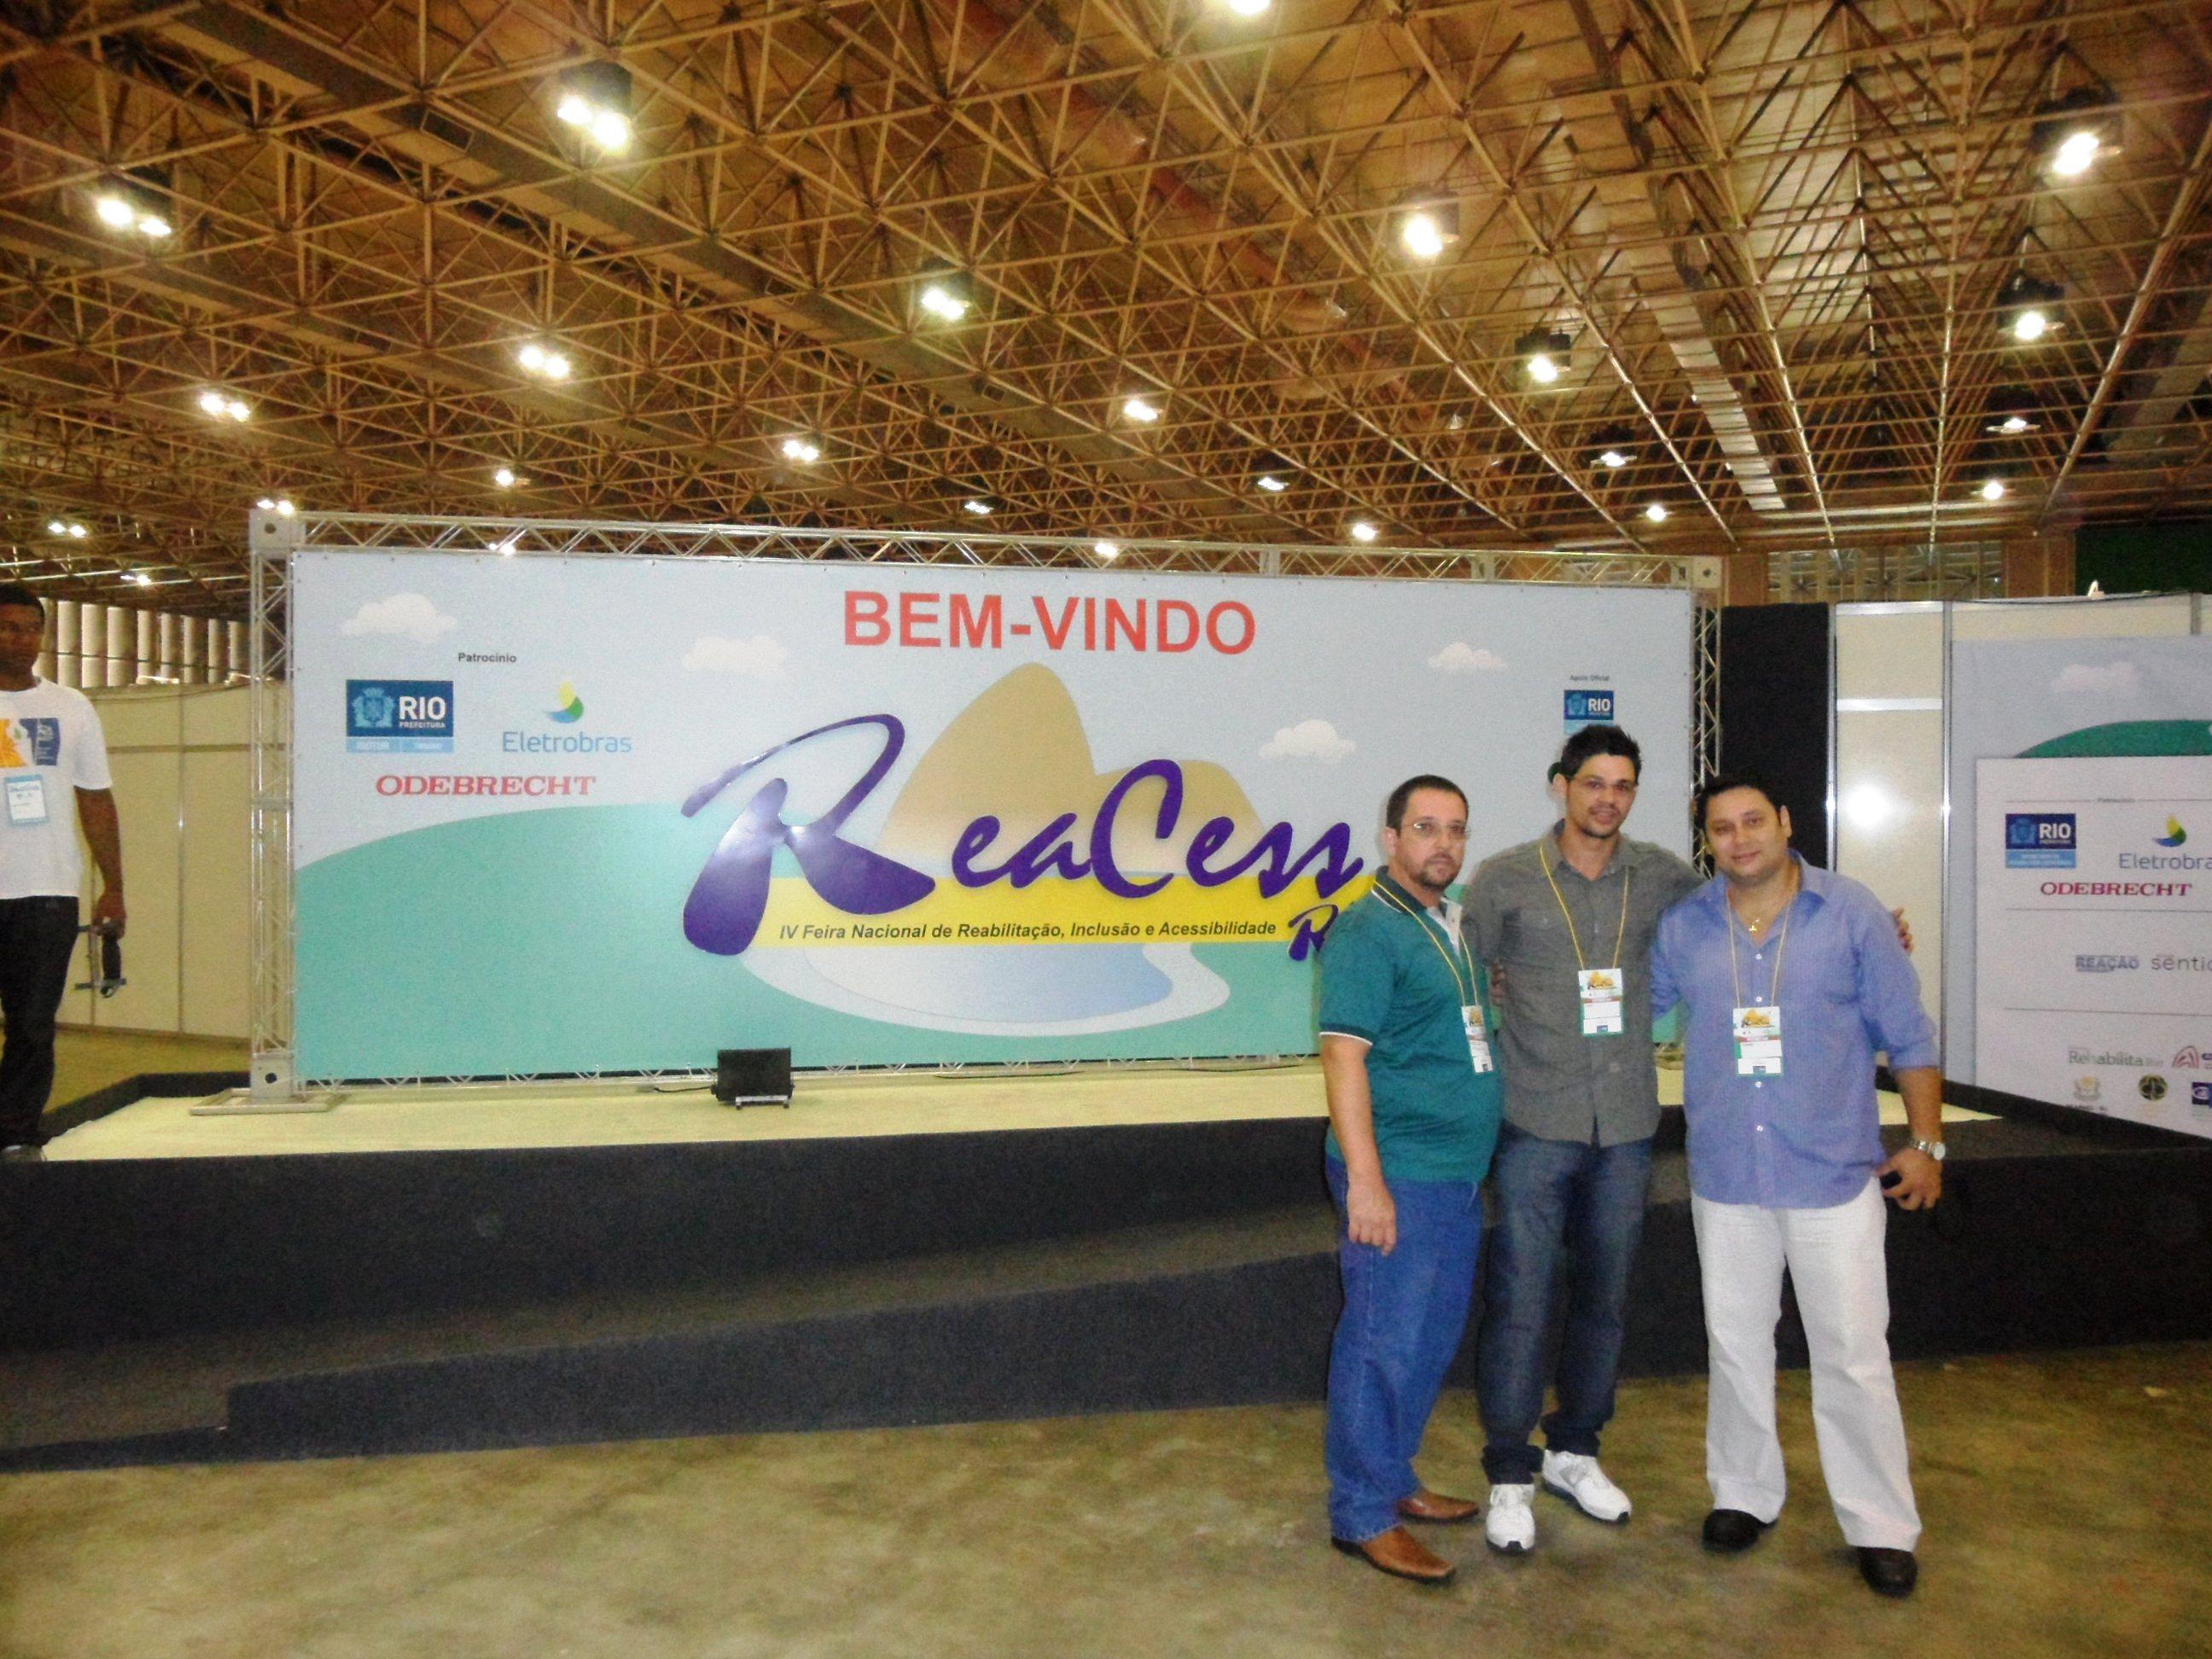 Ortesista/Protesista ?> Manoel Luiz & Auxiliar Ortesista/Protesista ?> Diogo Chagas & Consultor Fisioterápico Fisioterapeuta Danúbio Fernando.